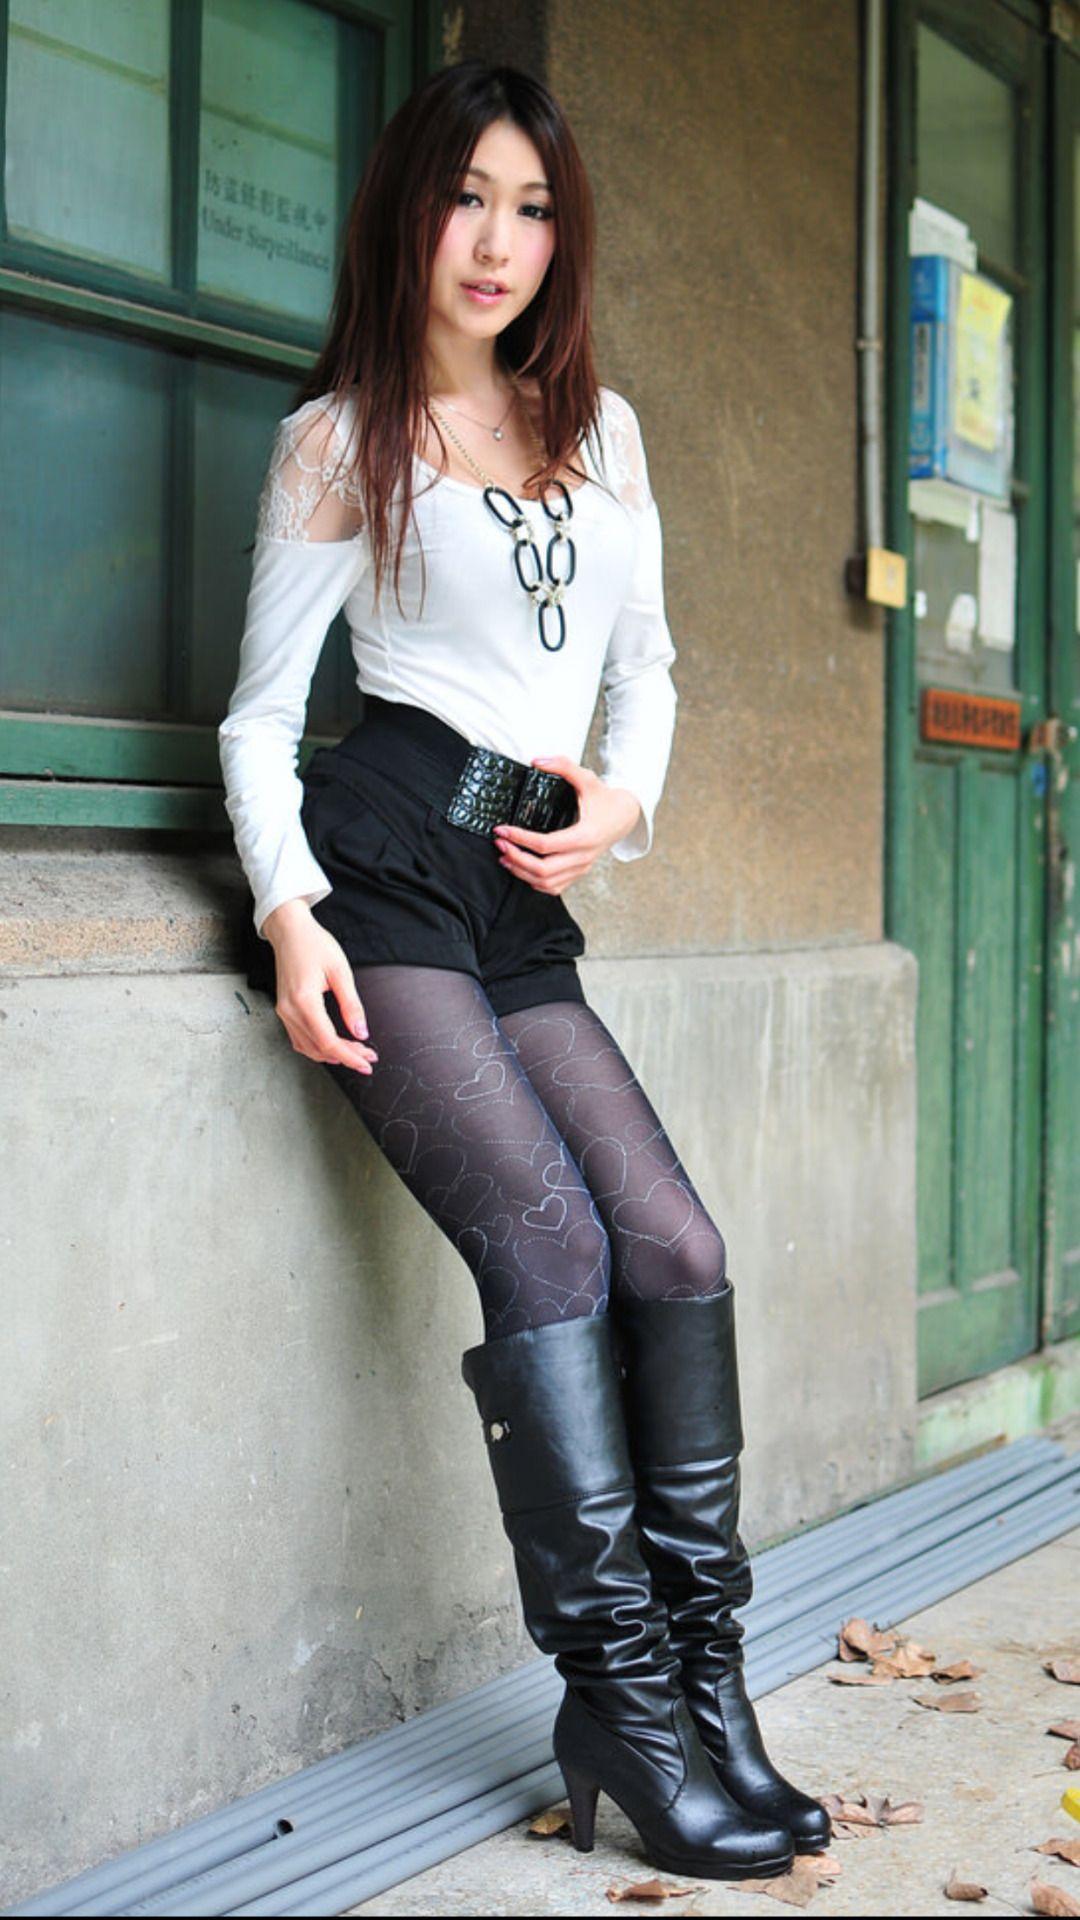 Asian Girls In Boots Asian Beauties Pinterest Boots Asian